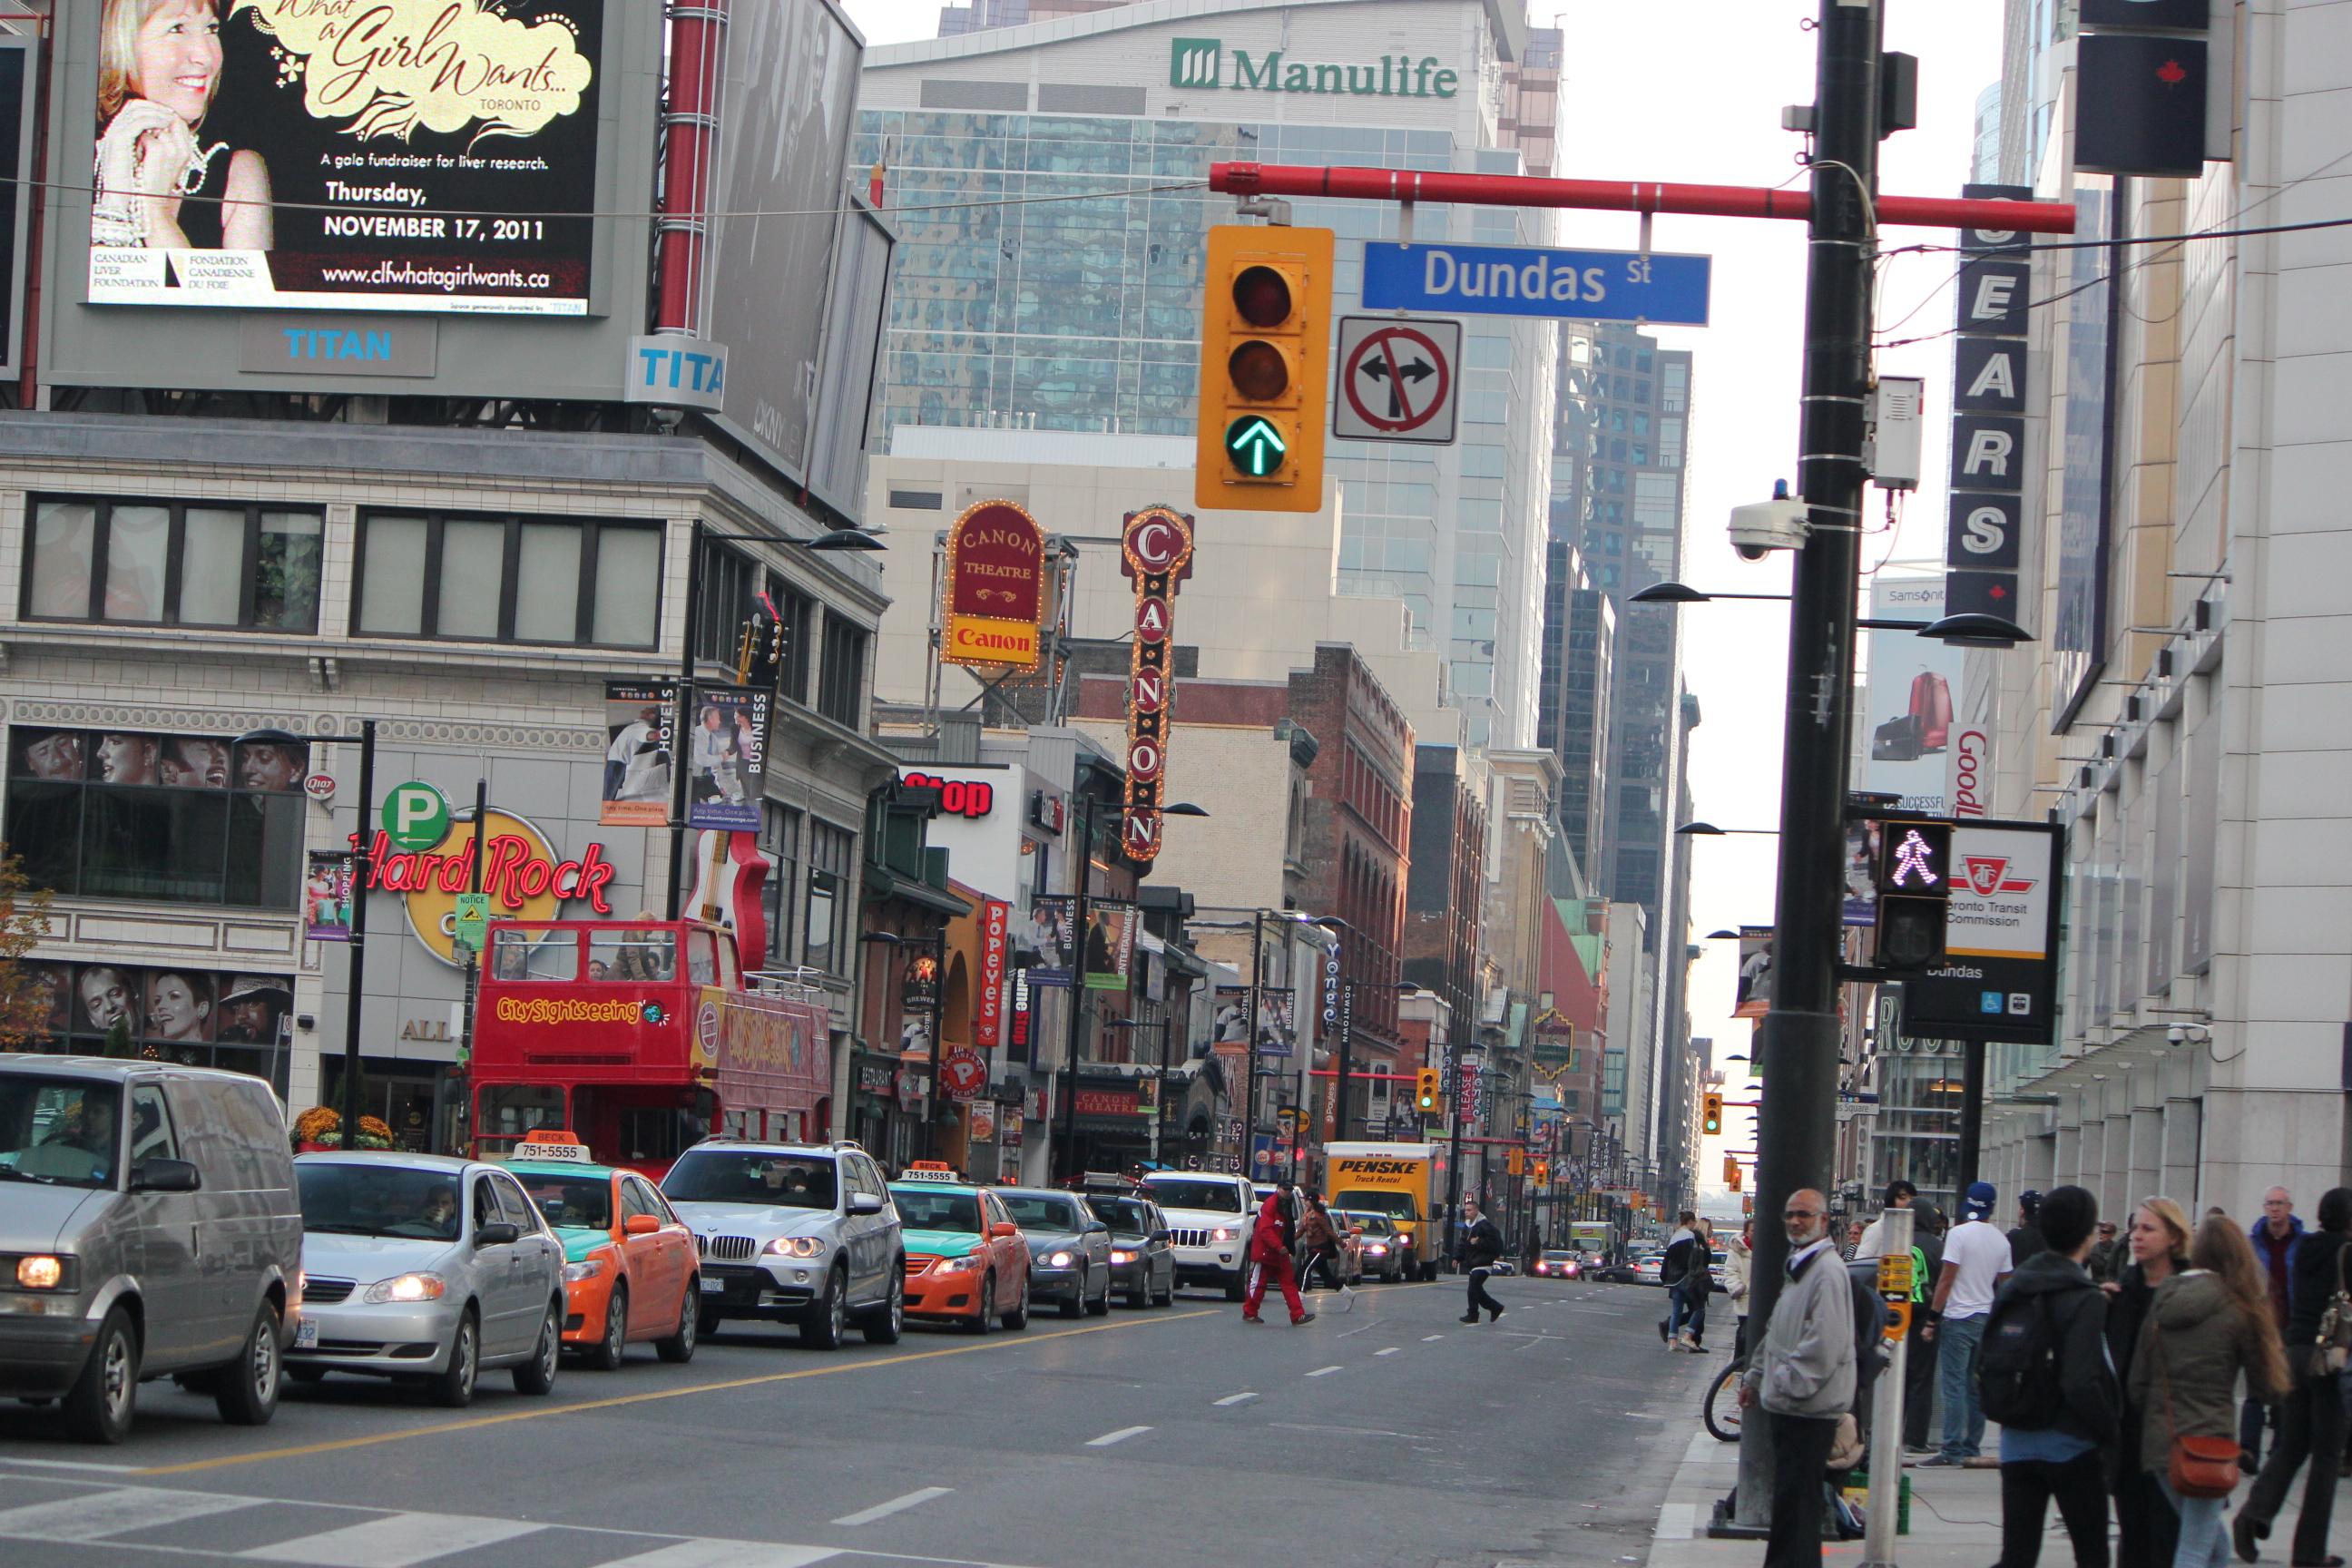 City View; Toronto, Canada; 2011